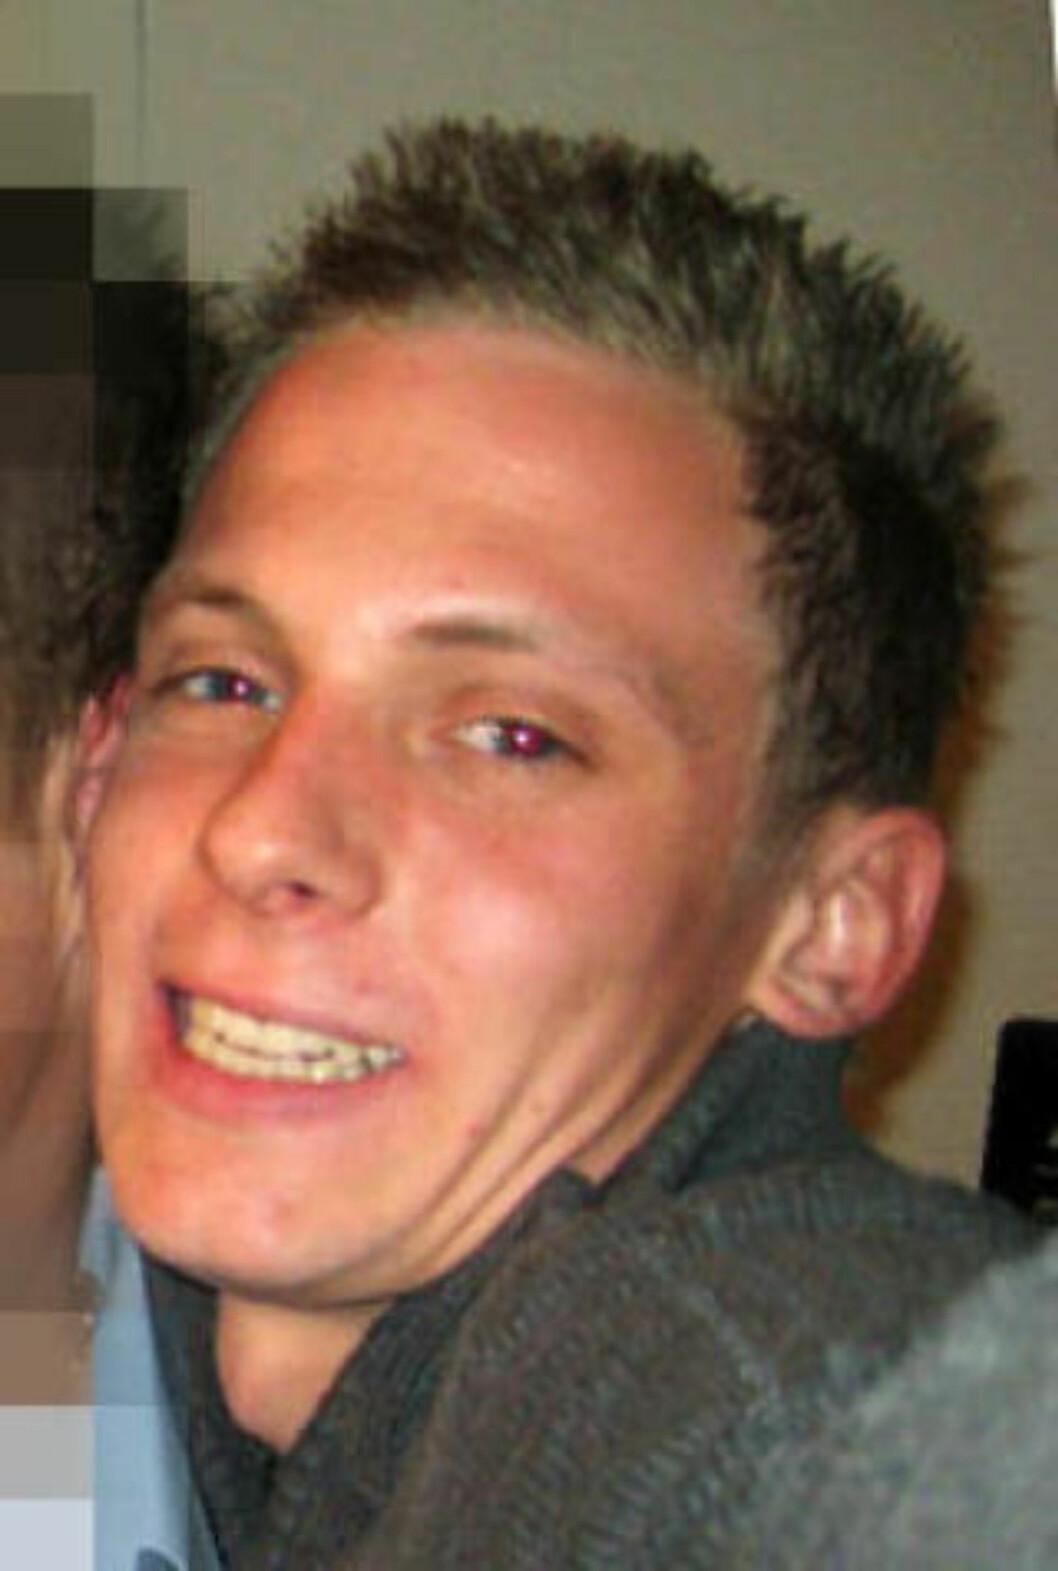 <strong> DREPT:</strong>  Levi Sørensen (20) ble drept i sin leilighet og dumpet i elva Otra sist torsdag. De to drapstiltalte samboerne nekter straffskyld. FOTO: PRIVAT.